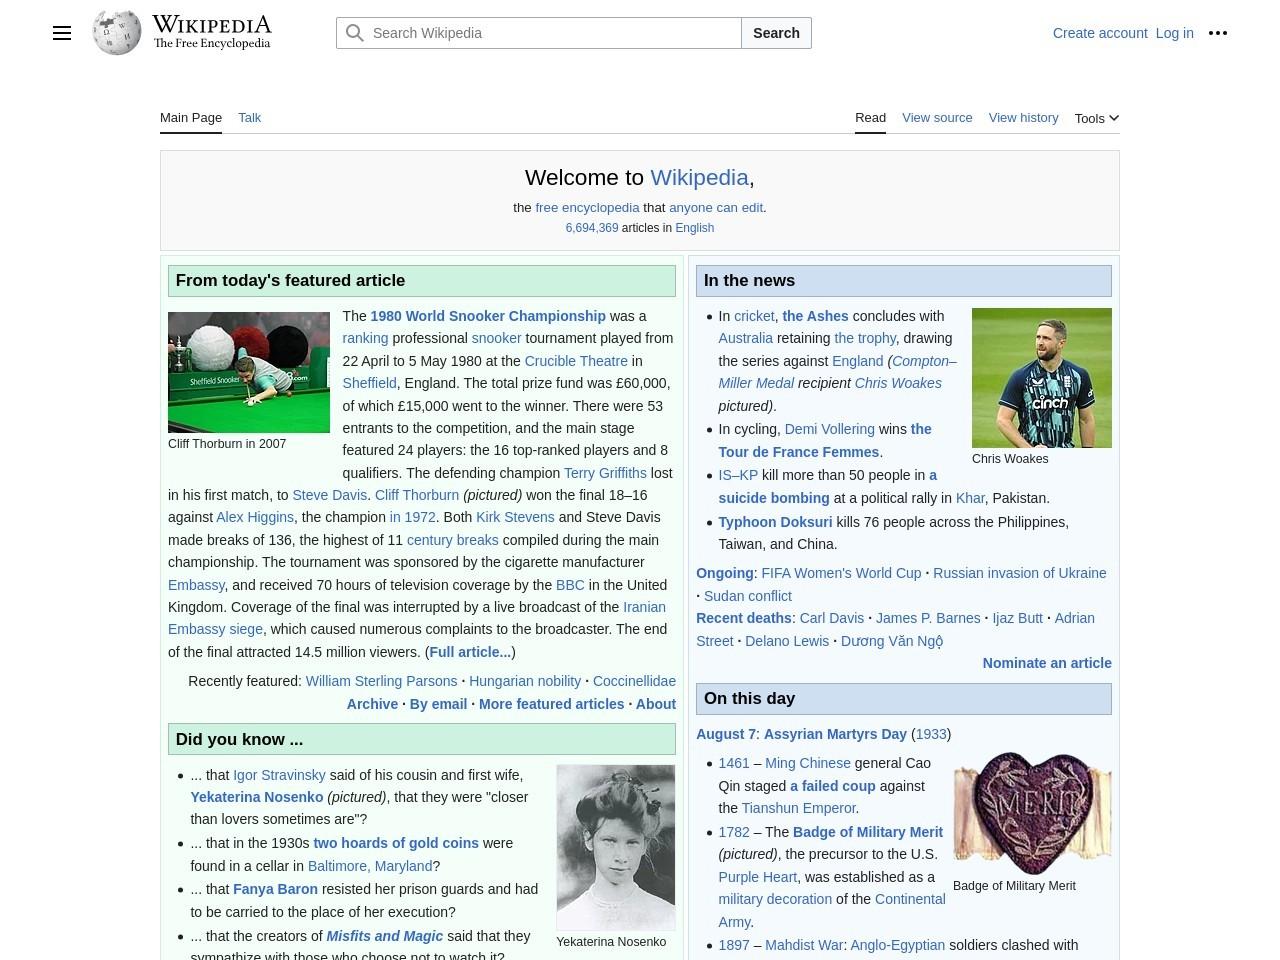 https://en.wikipedia.org/wiki/Project_Zero_(Google)のプレビュー画像